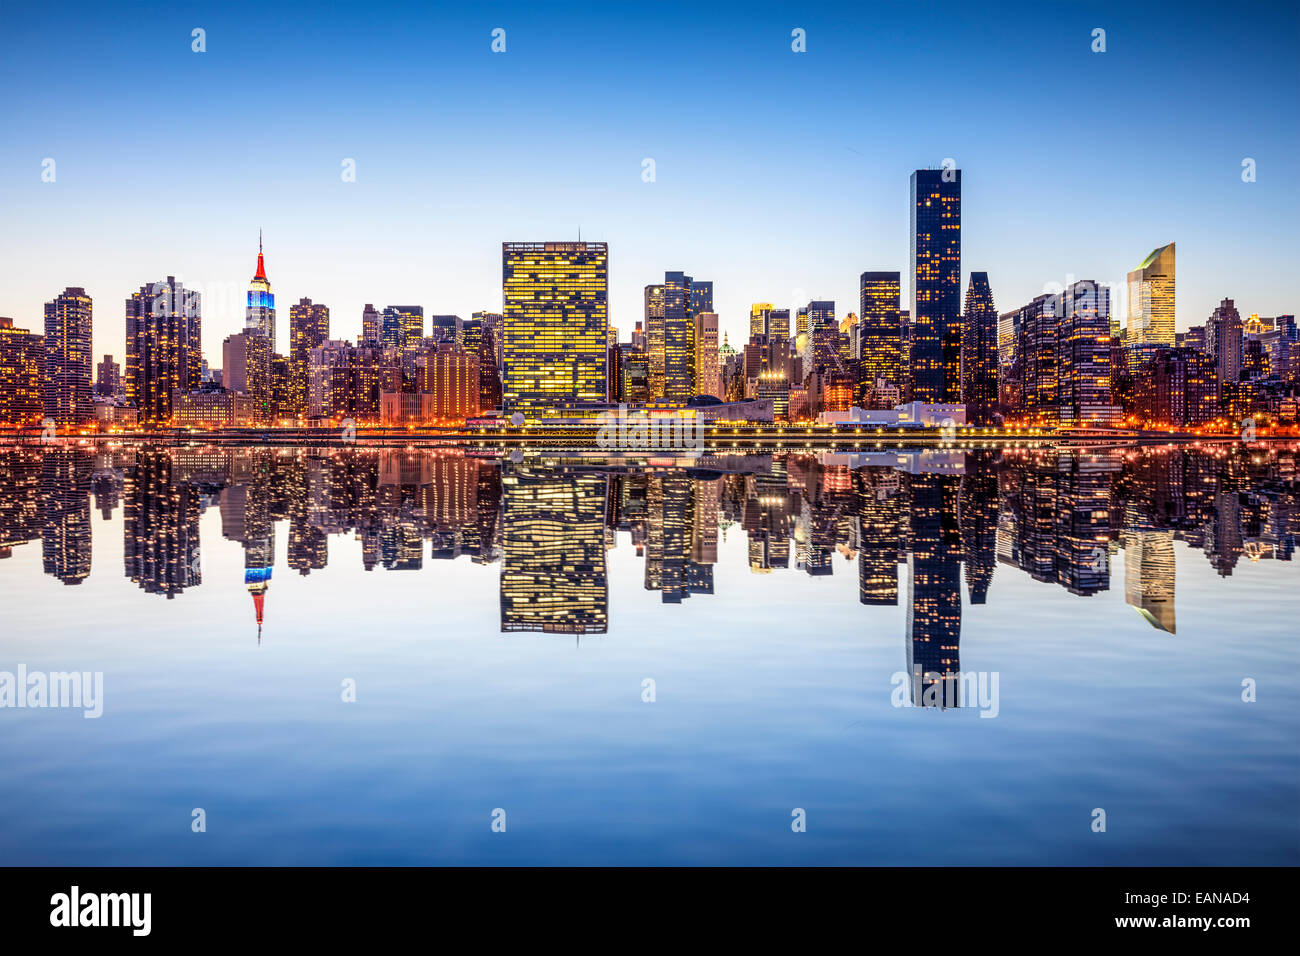 La ville de New York, USA city skyline de Manhattan à partir de l'autre côté de l'East River. Photo Stock